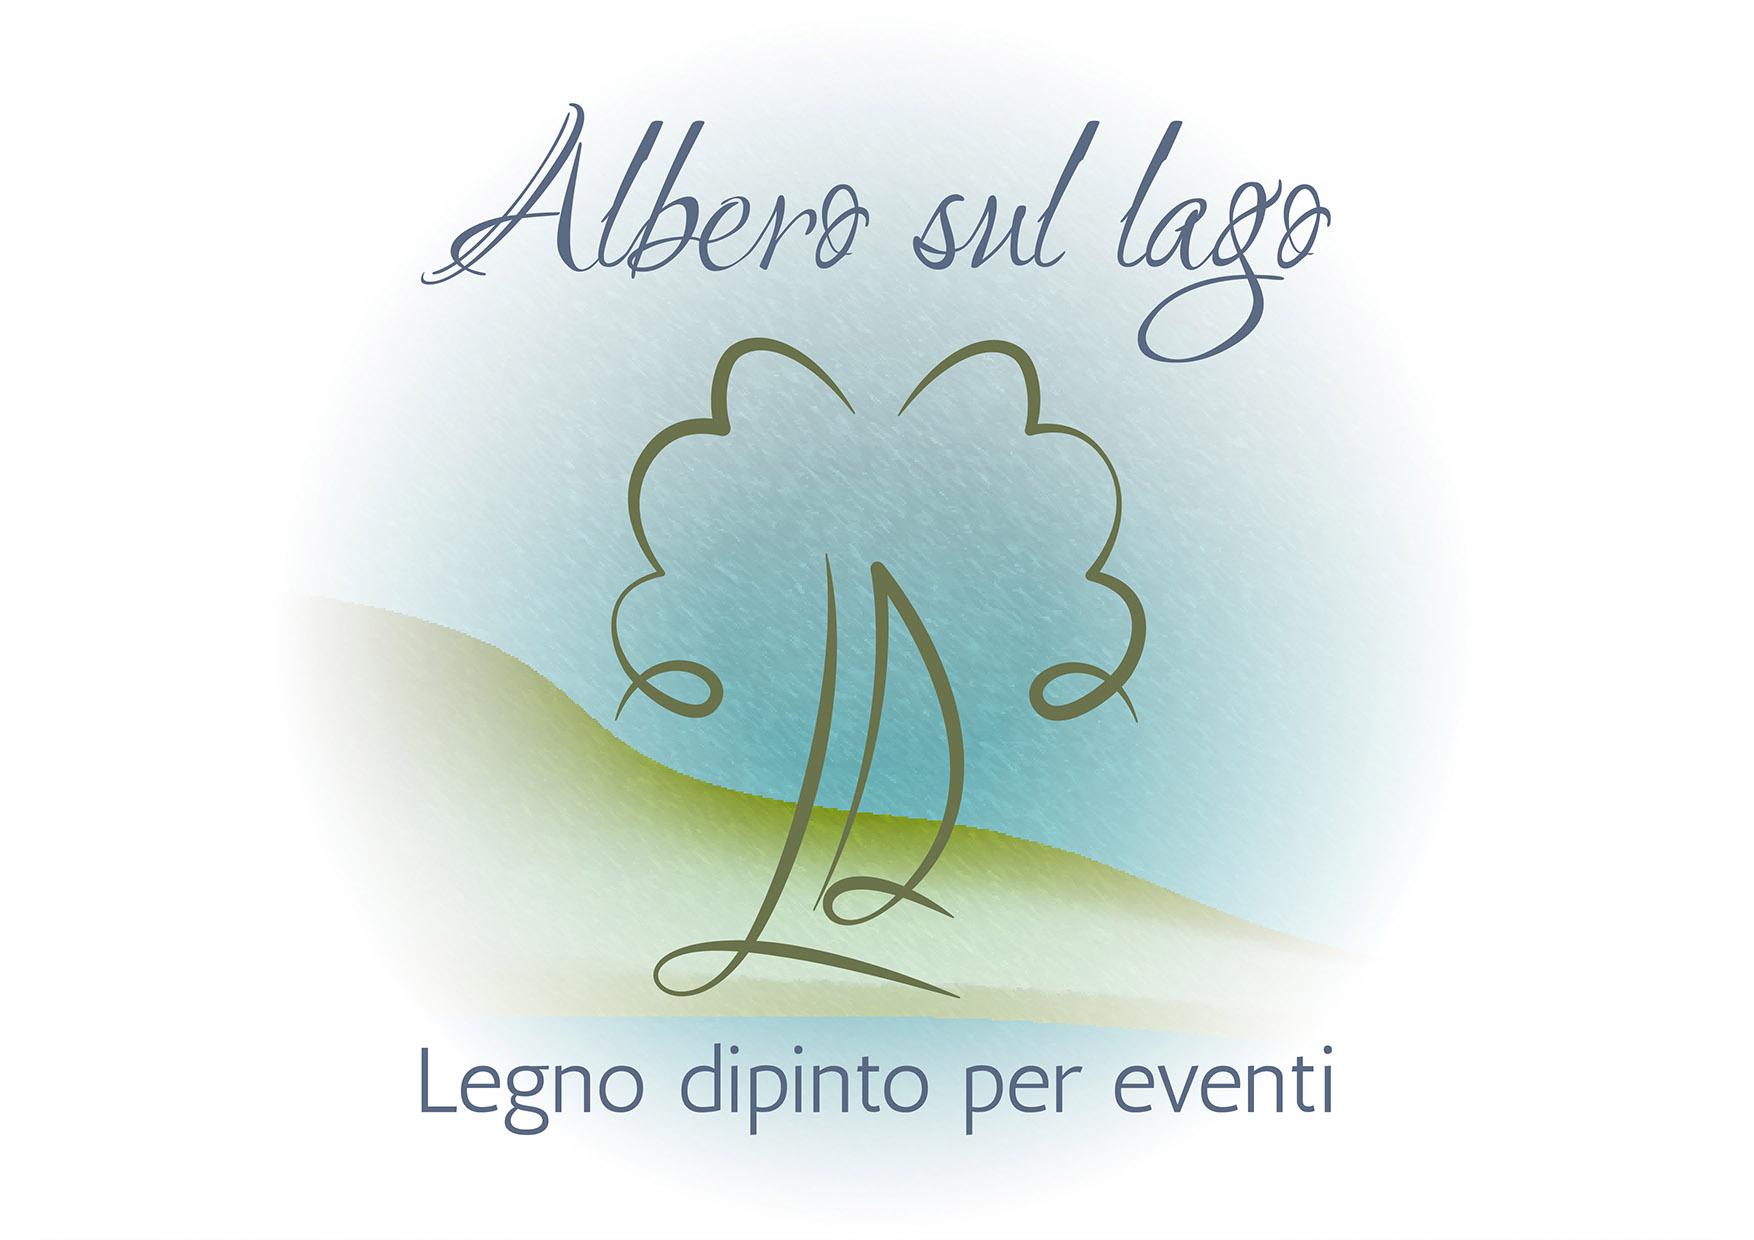 Albero-sul-lago_logo